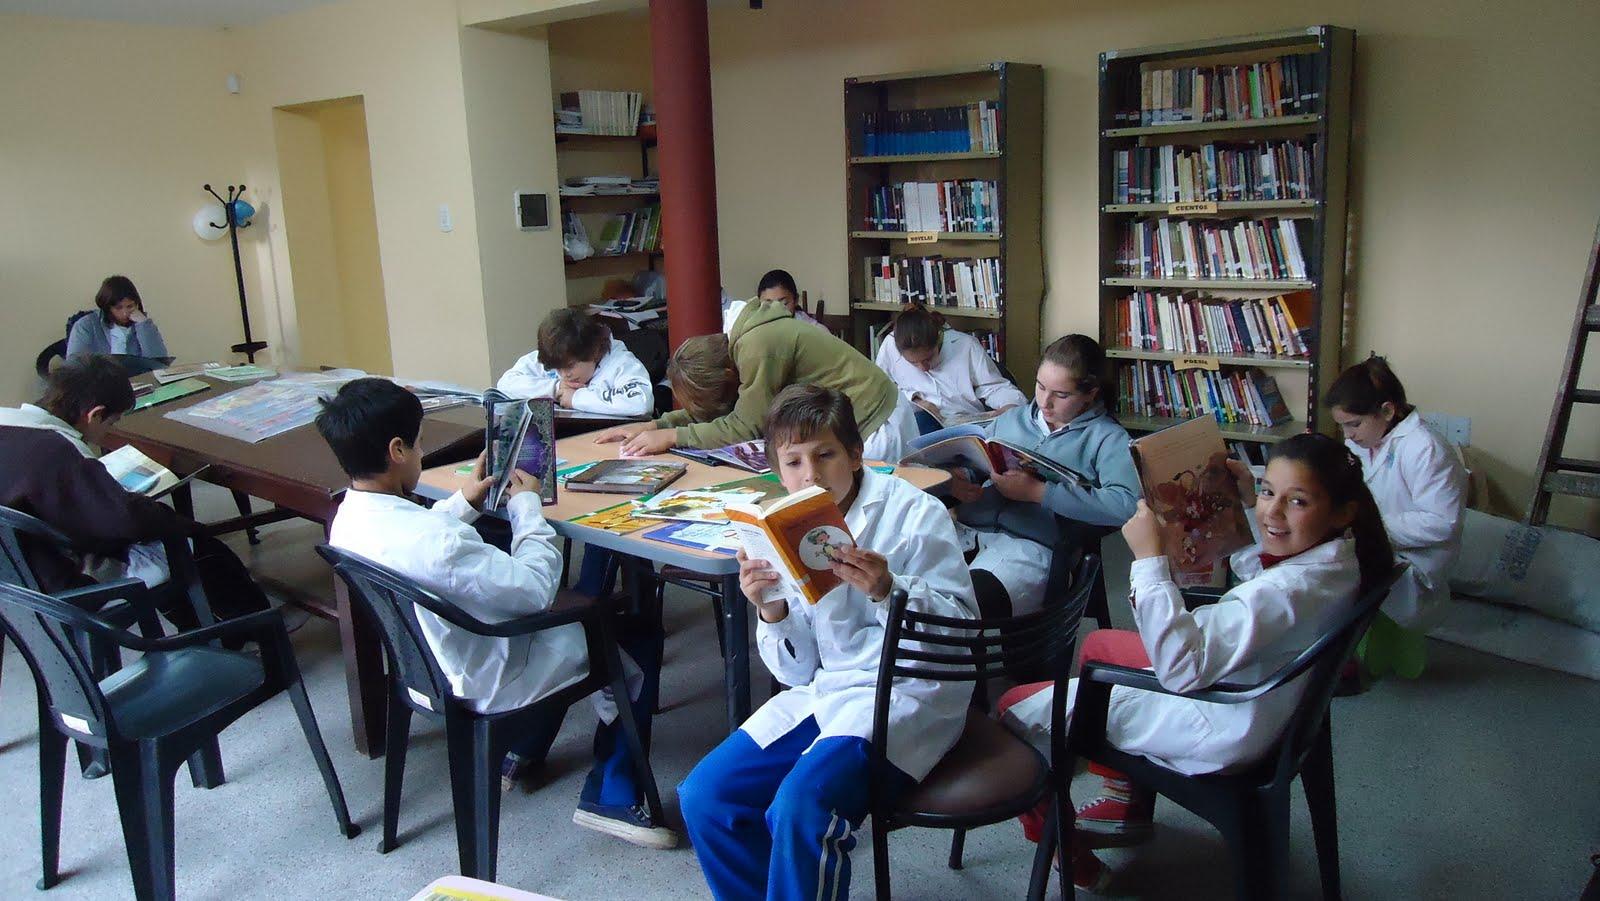 Libros aprobados por adulto joven por grado